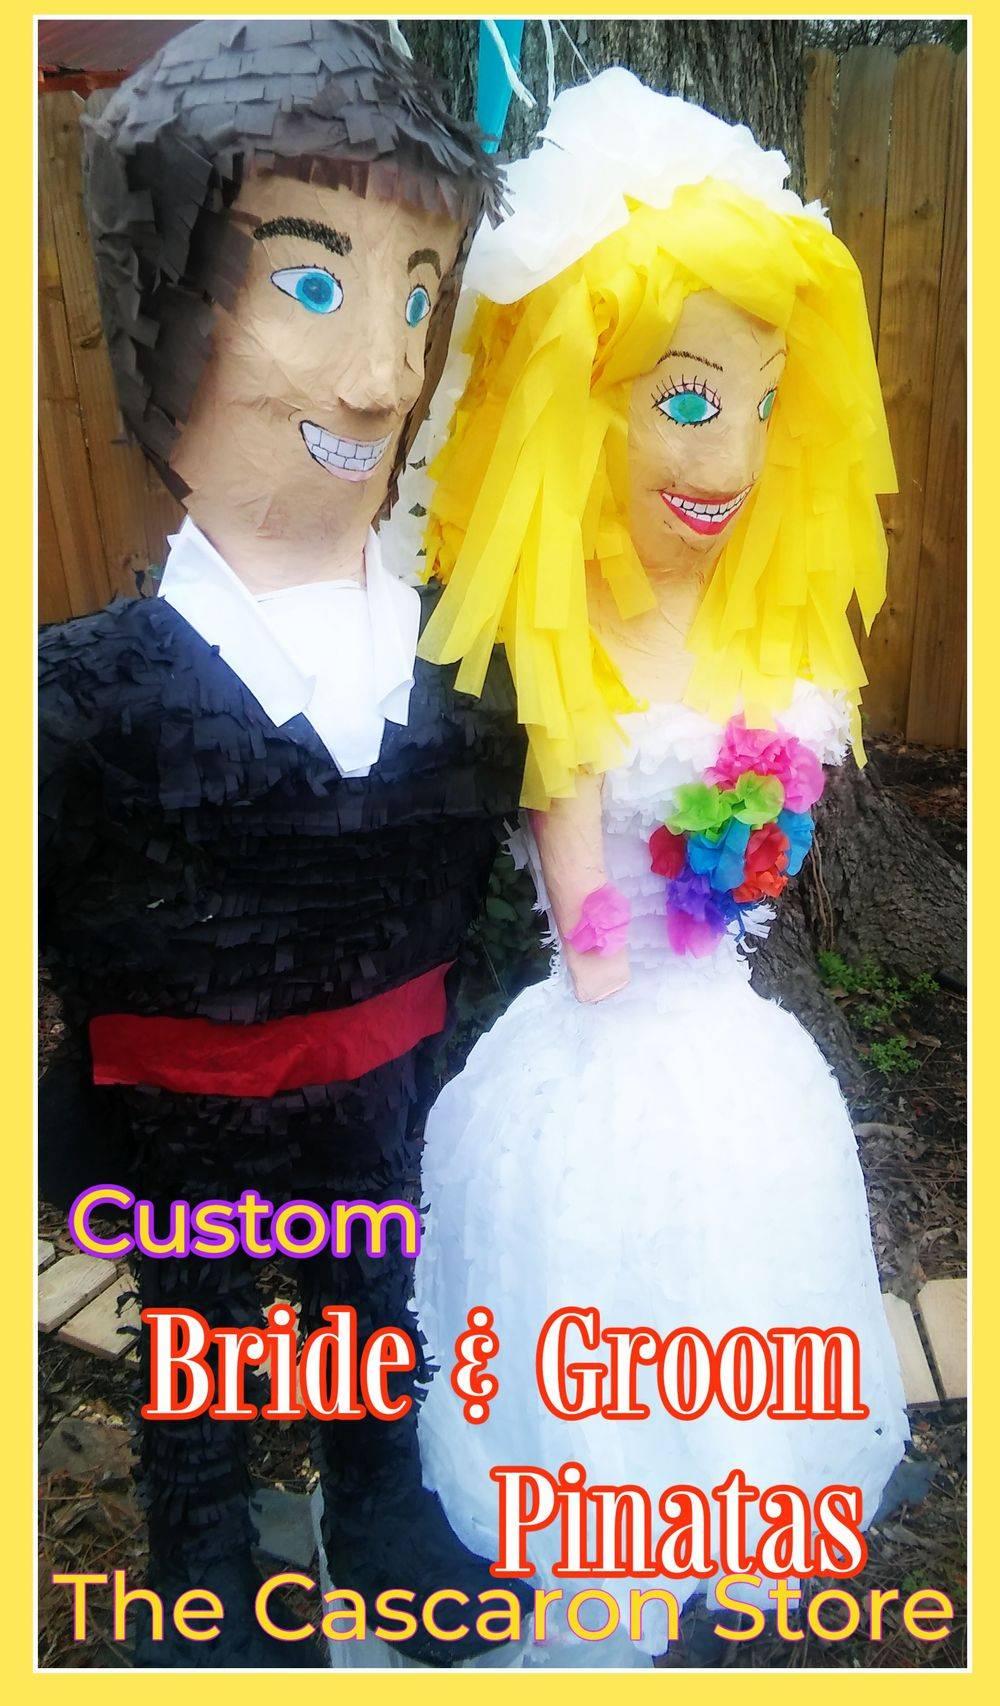 wedding bride and groom pinatas